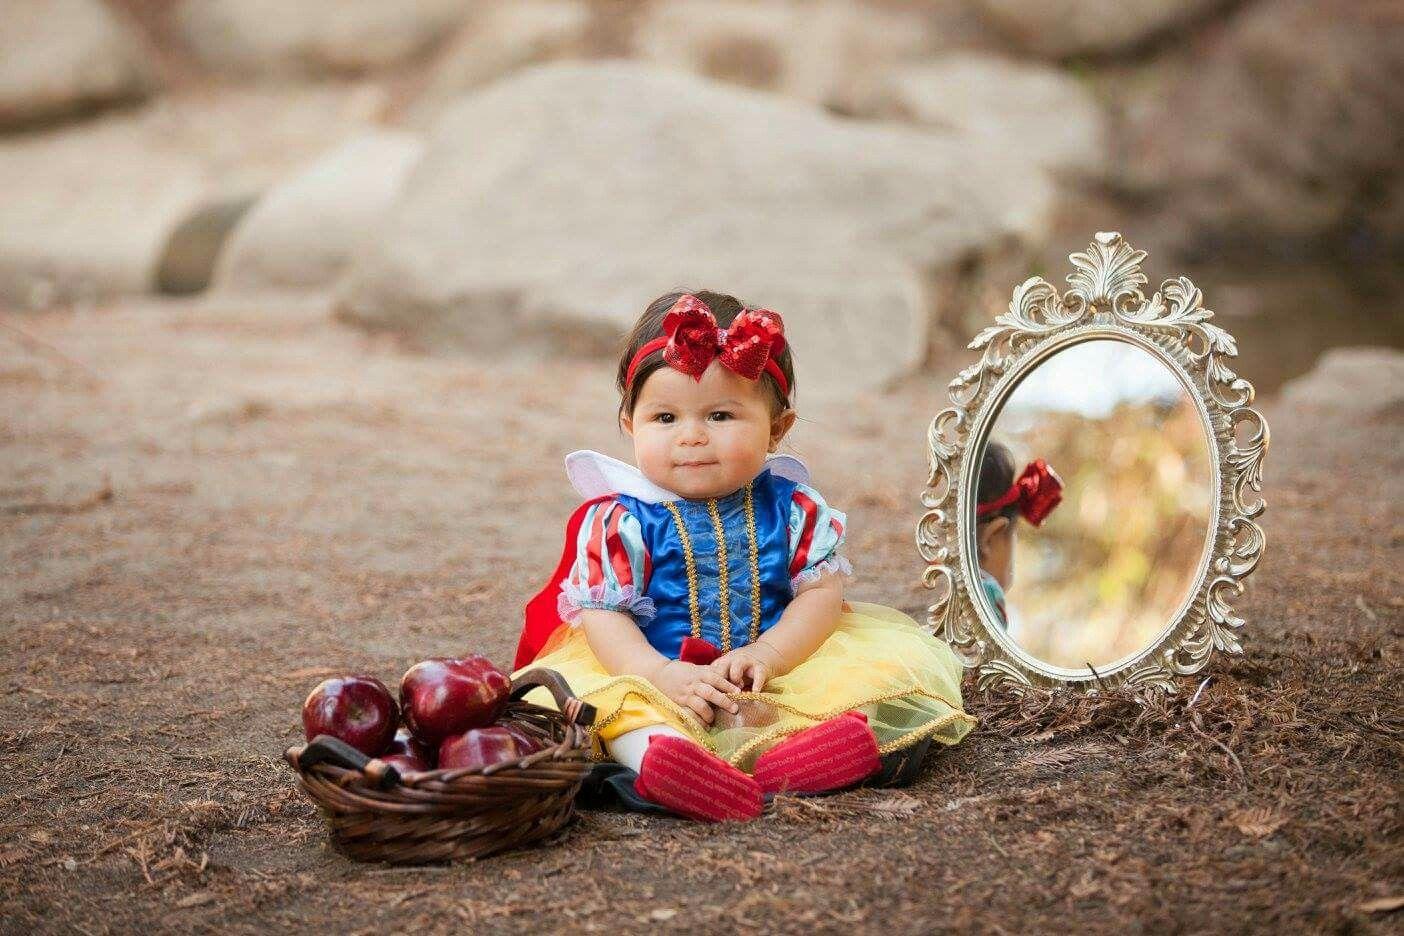 Disney Princess Snow White Infant Photoshoot Snow White Birthday